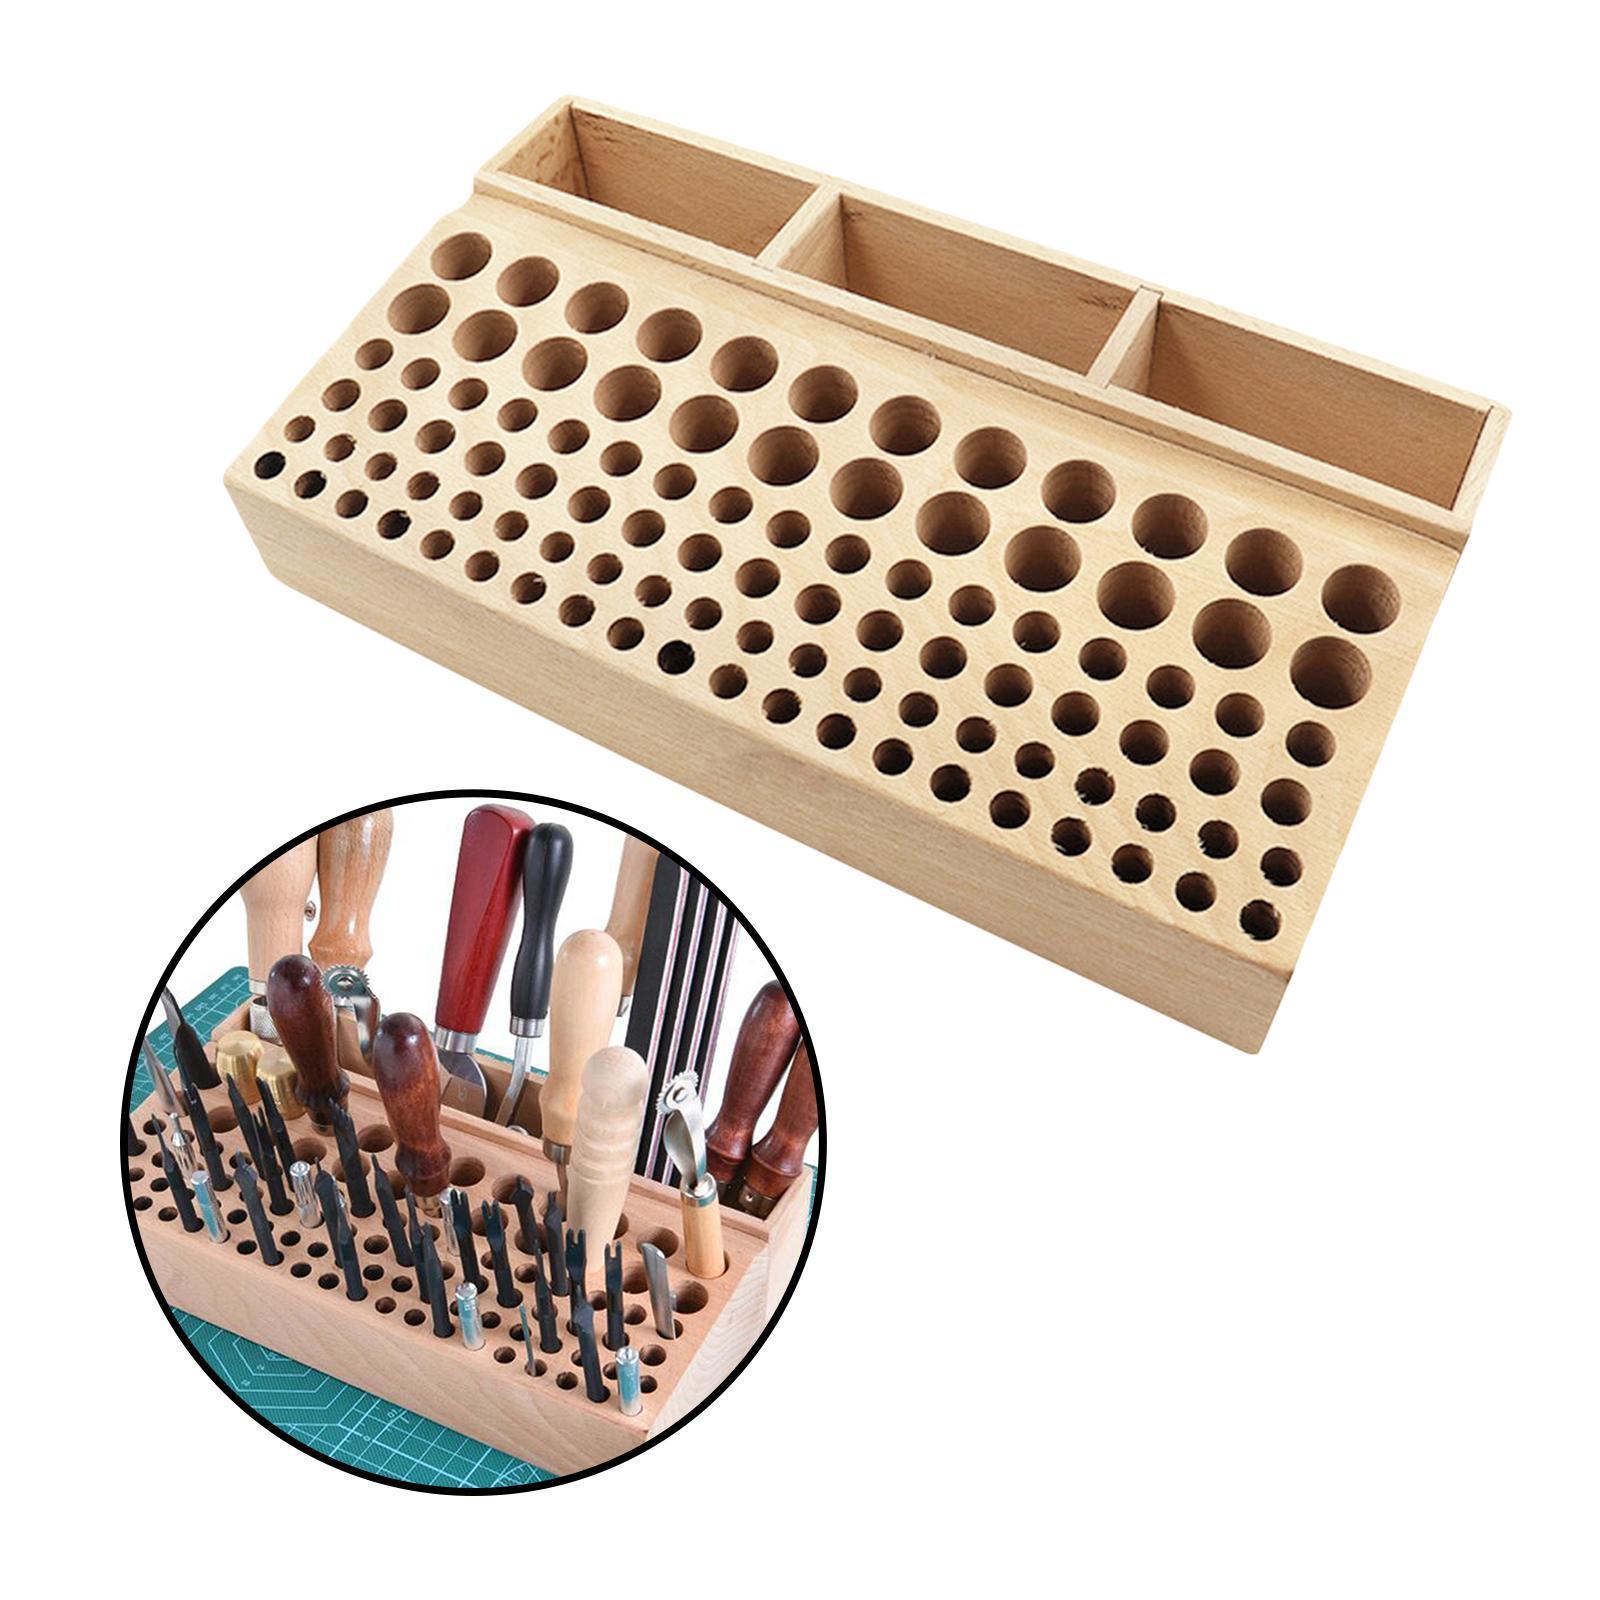 Indexbild 7 - Holz-Leder-Punch-Handwerk-Werkzeug-Rack-46-98-Loecher-Leathercraft-Stehen-Halter